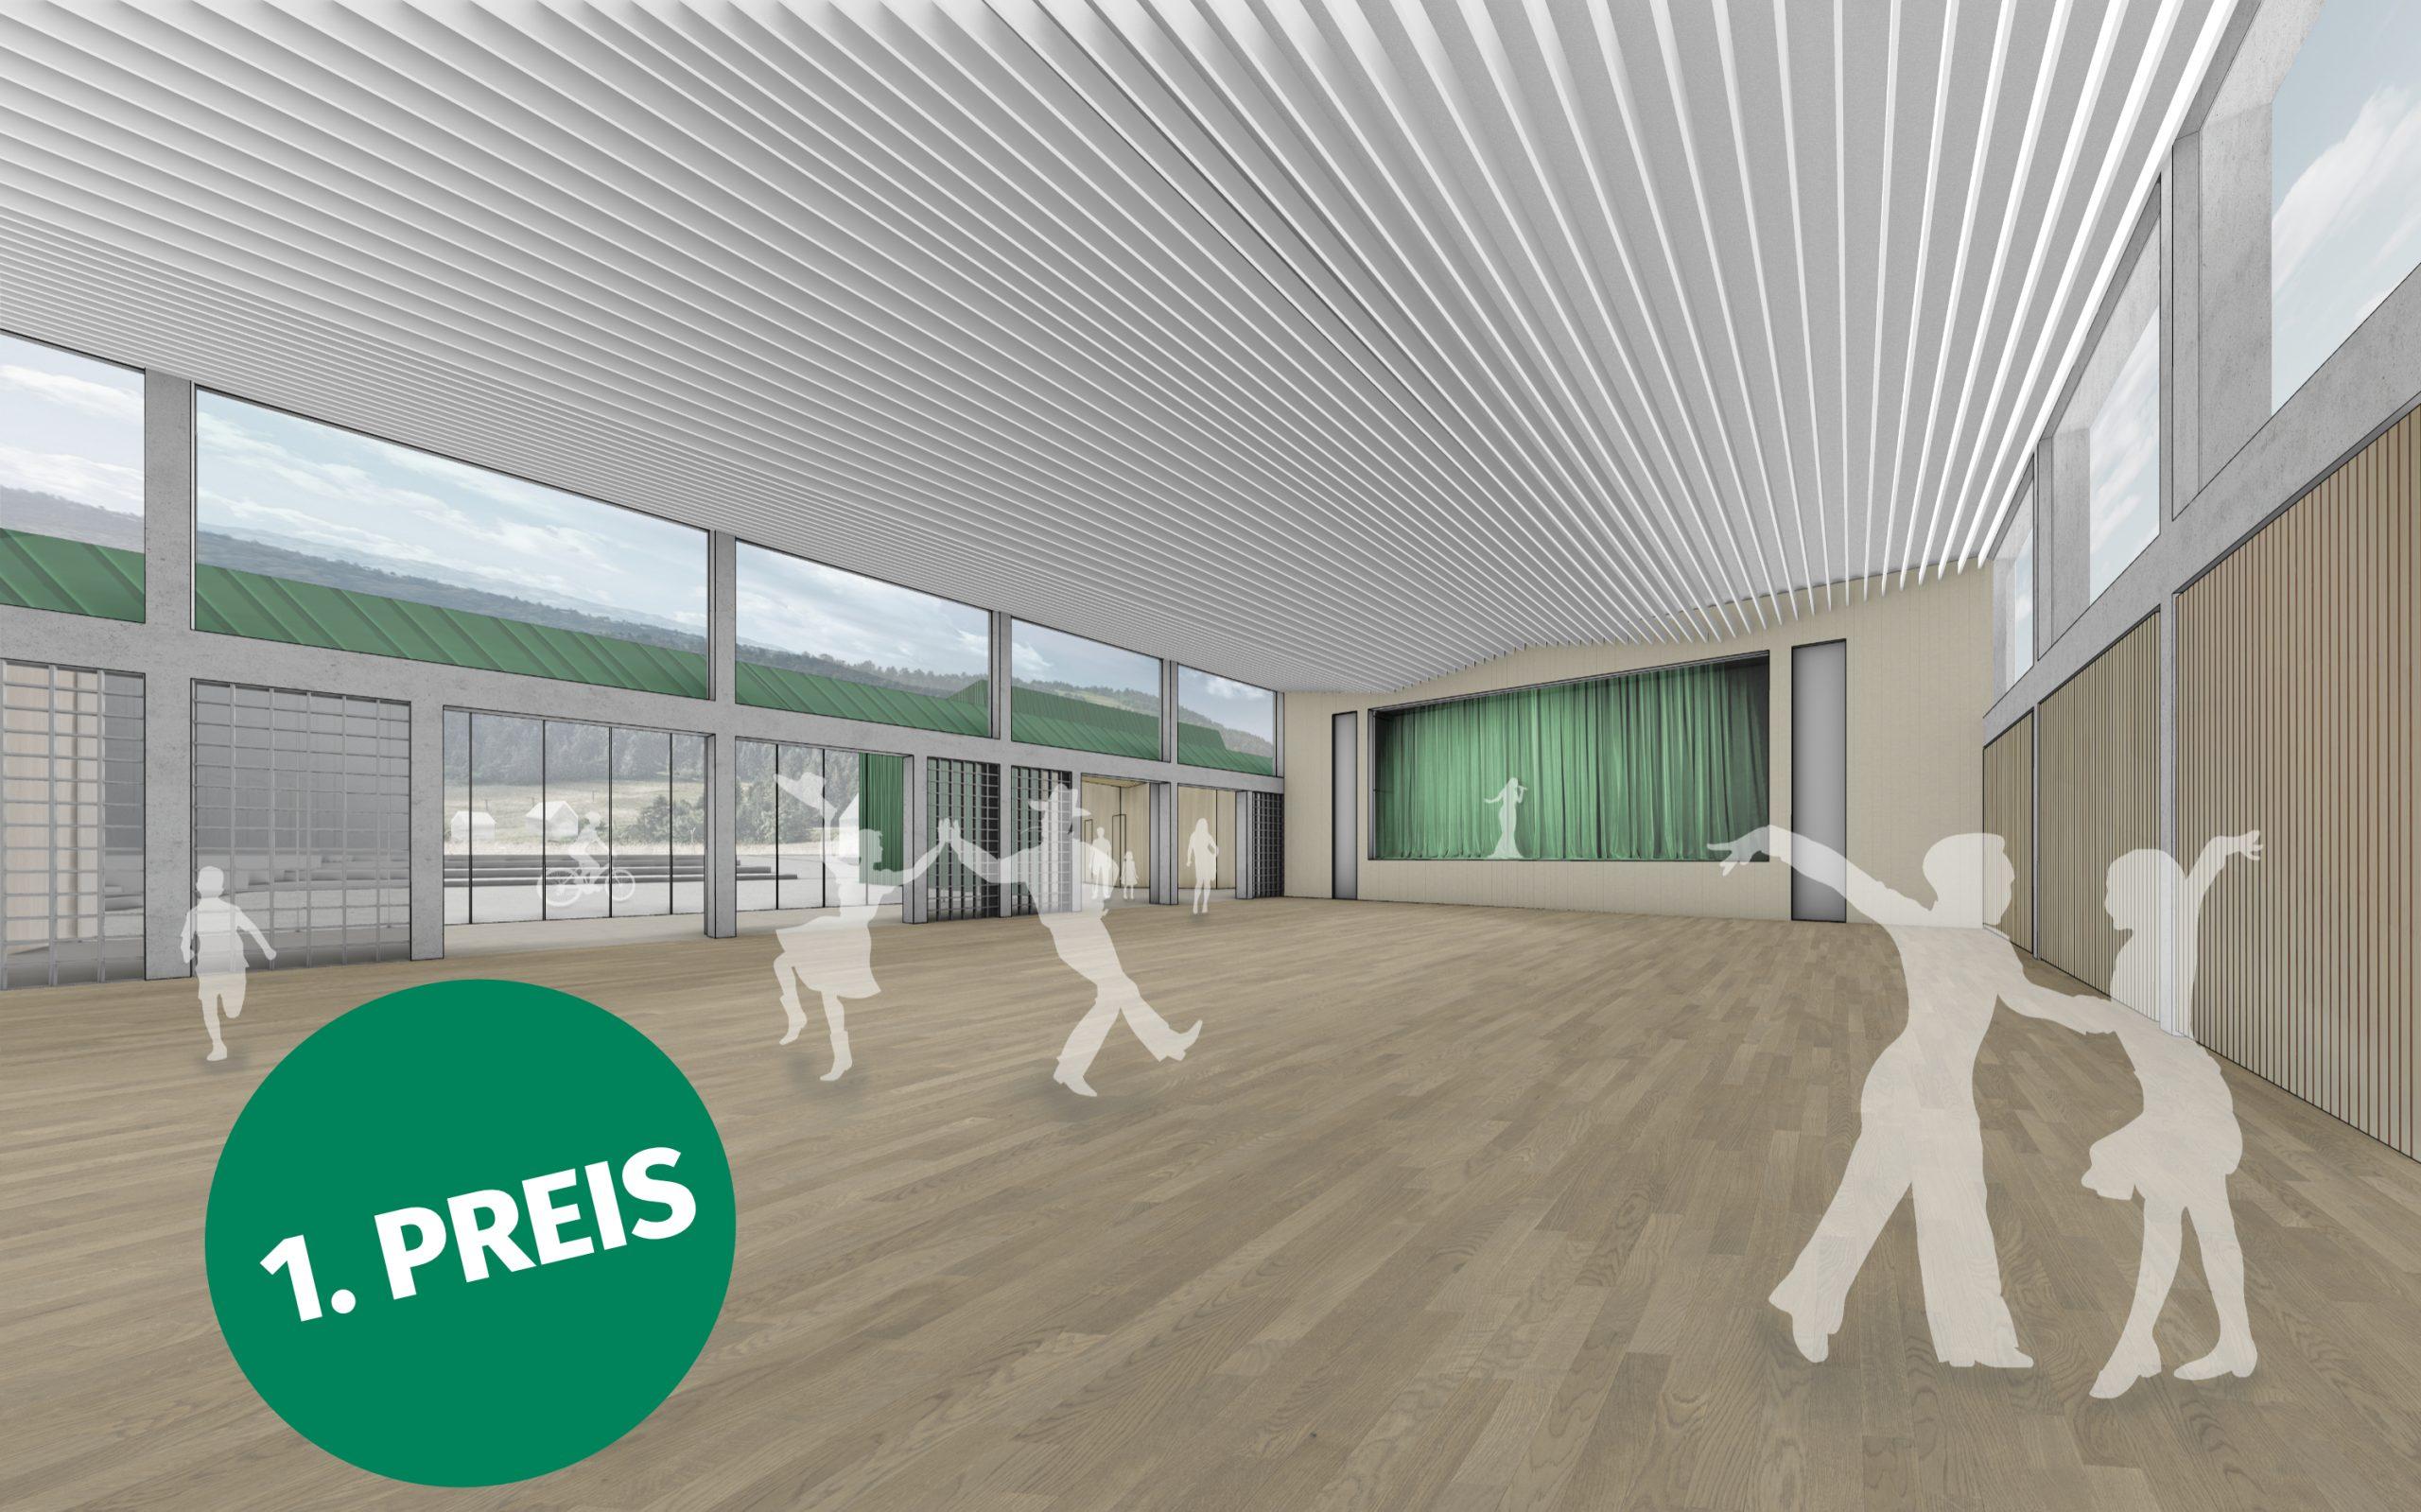 Kulturhalle Steinwiesen Wettbewerb 1. Preis